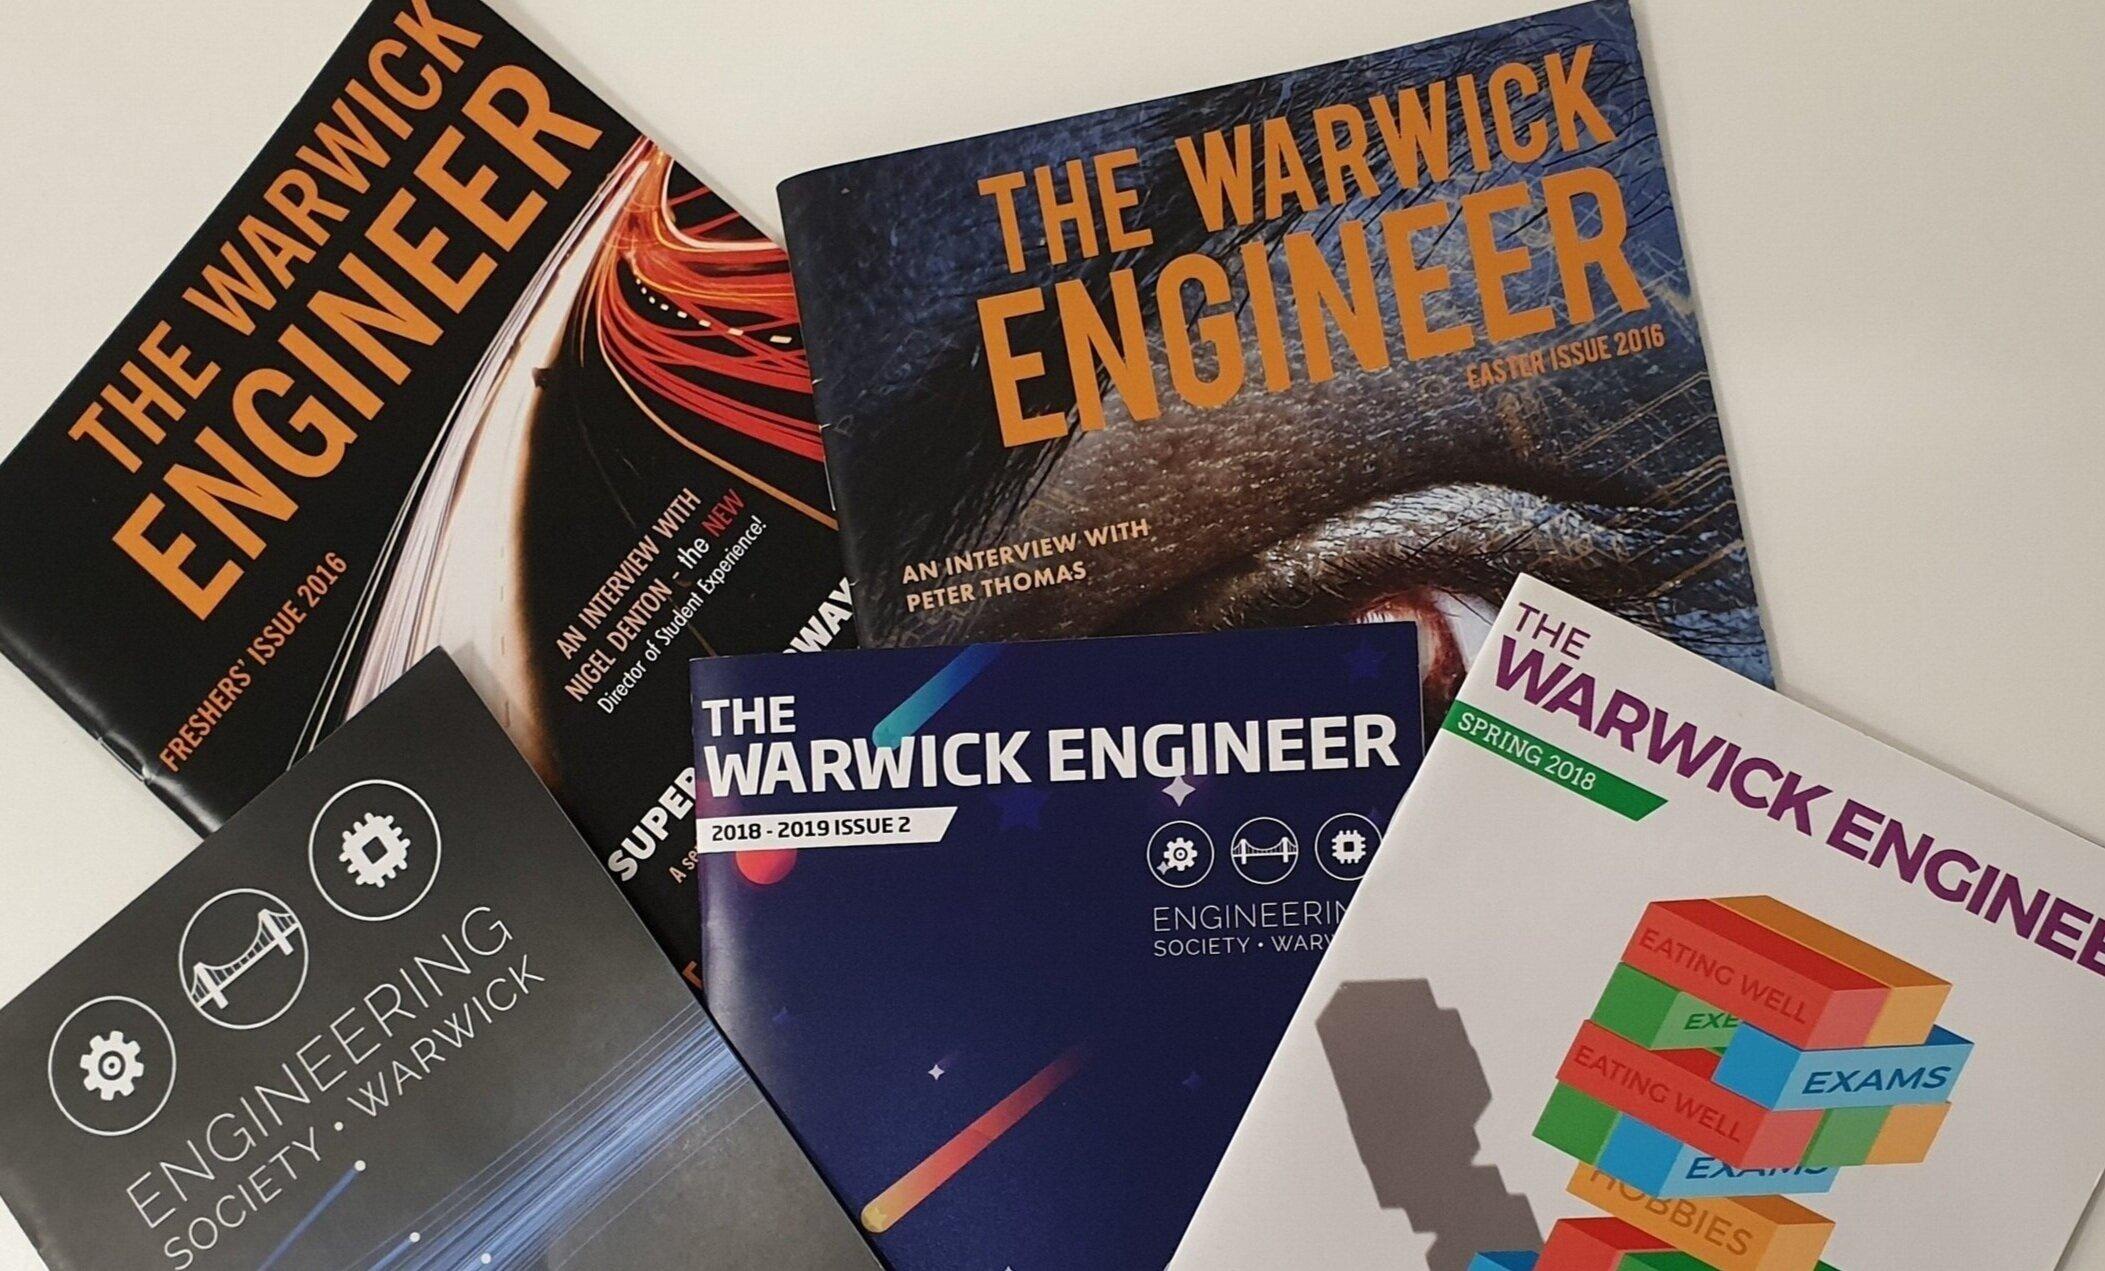 THE WARWICK ENGINEER